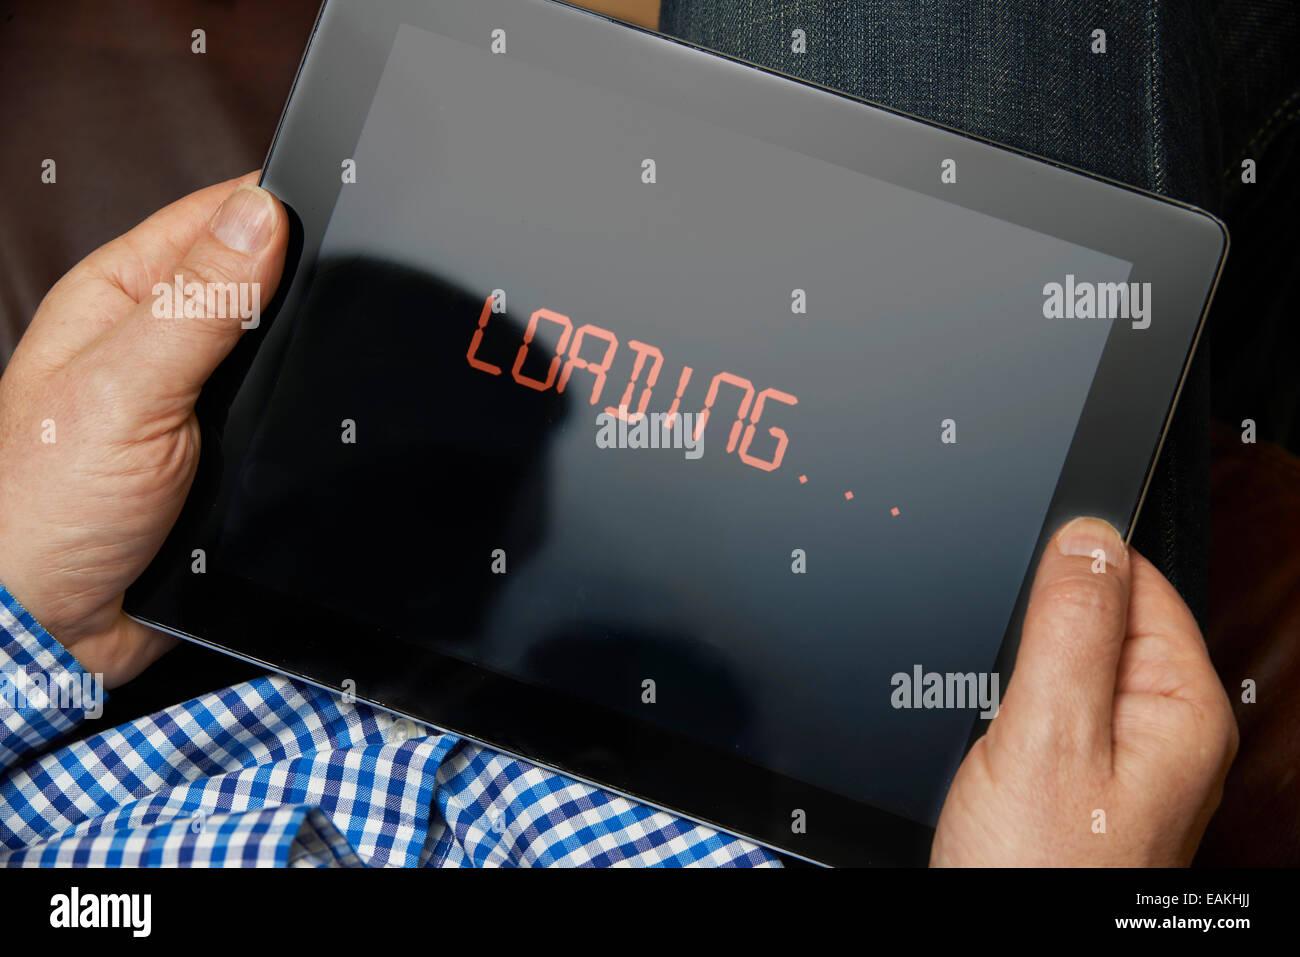 La conexión a Internet es lenta en tableta digital Imagen De Stock